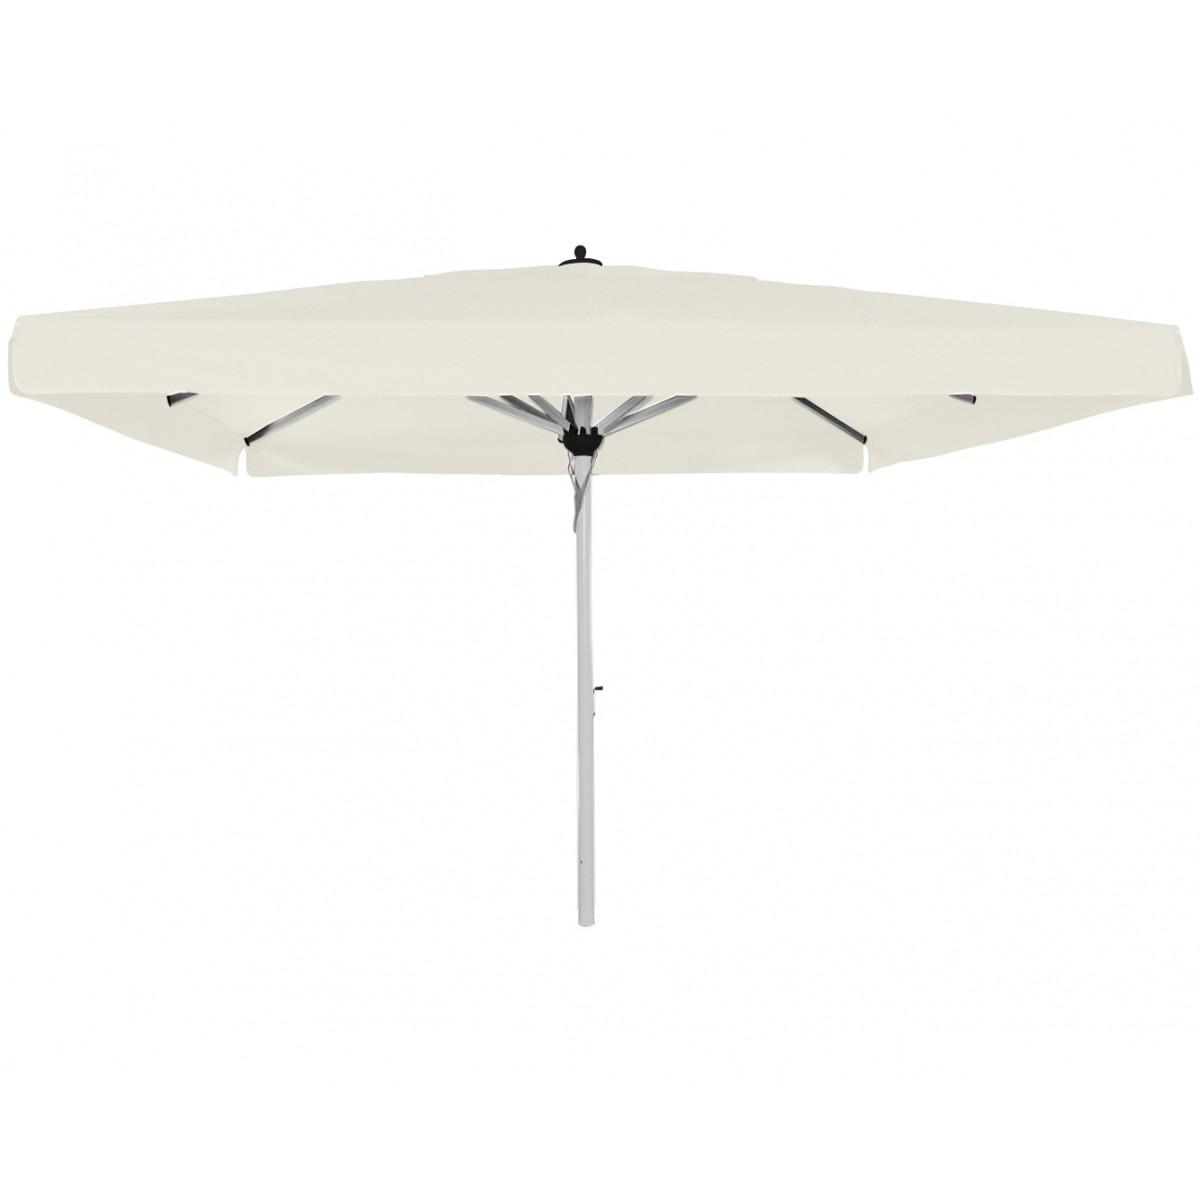 Maestro Pro parasol Pearl White (400*400cm) - Maestro Pro ...